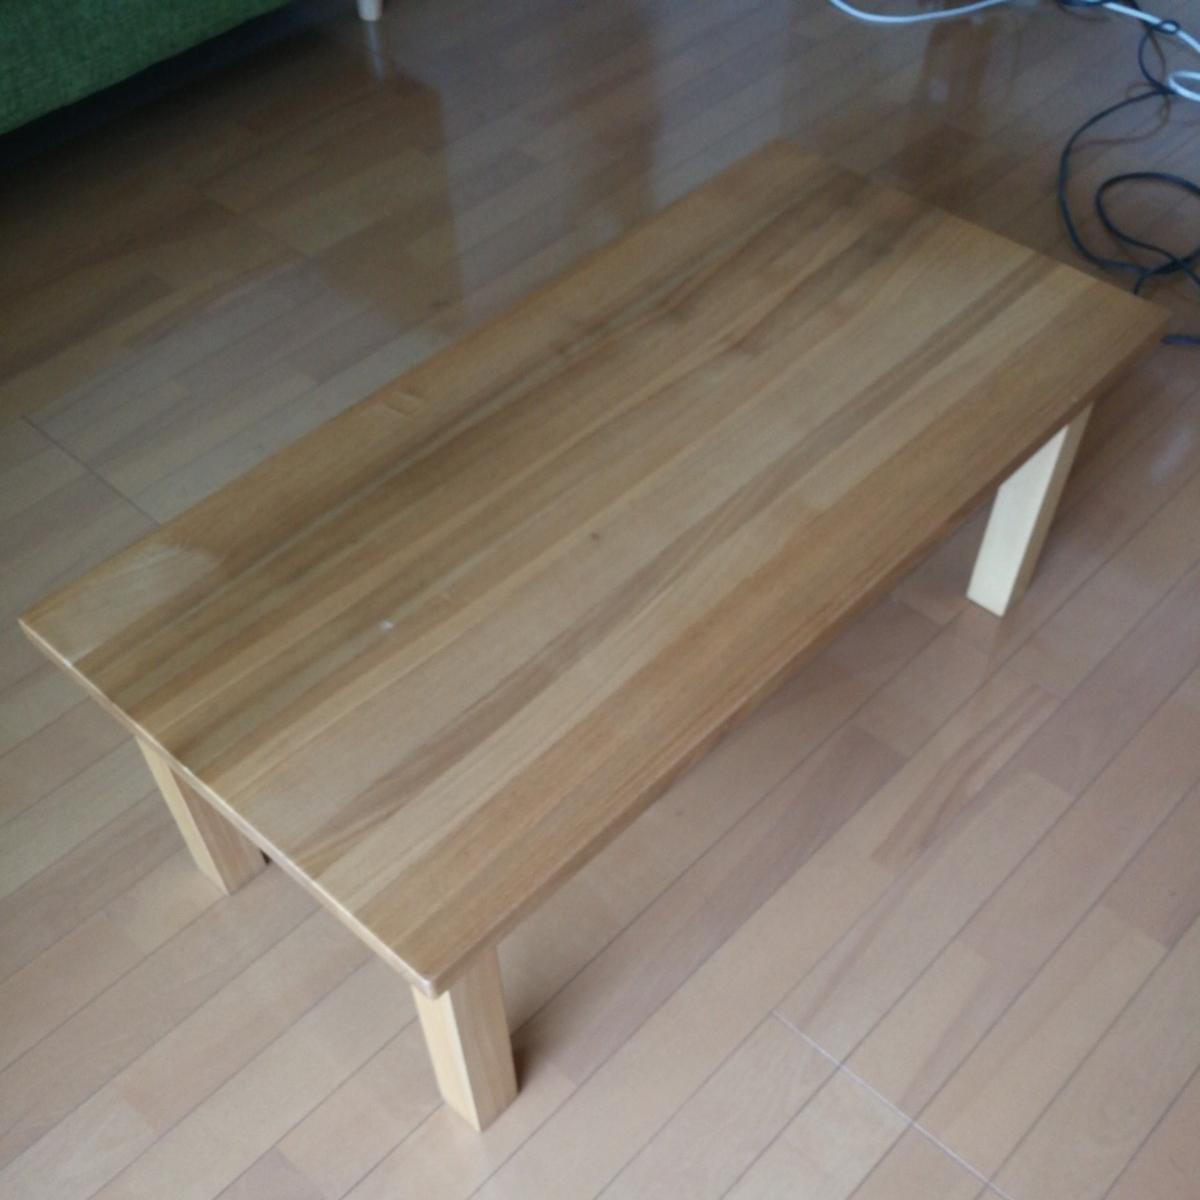 無印良品 タモ材 ローテーブル コーヒーテーブル 天然木 無垢材